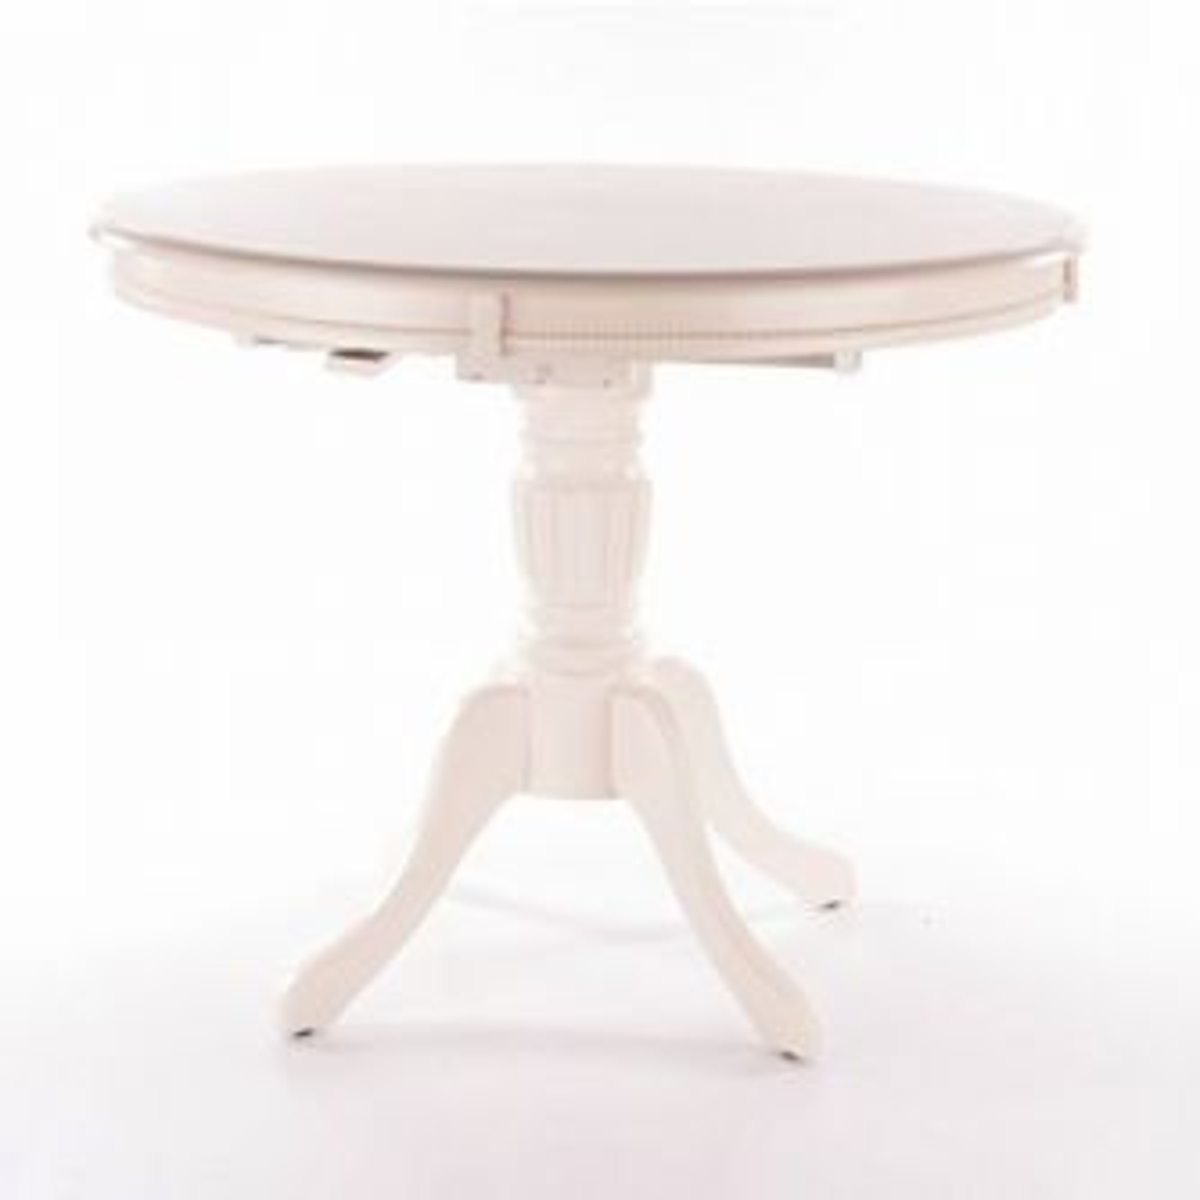 Stół OLIVIA BIANCO 106(141)x106 ecru rozkładany